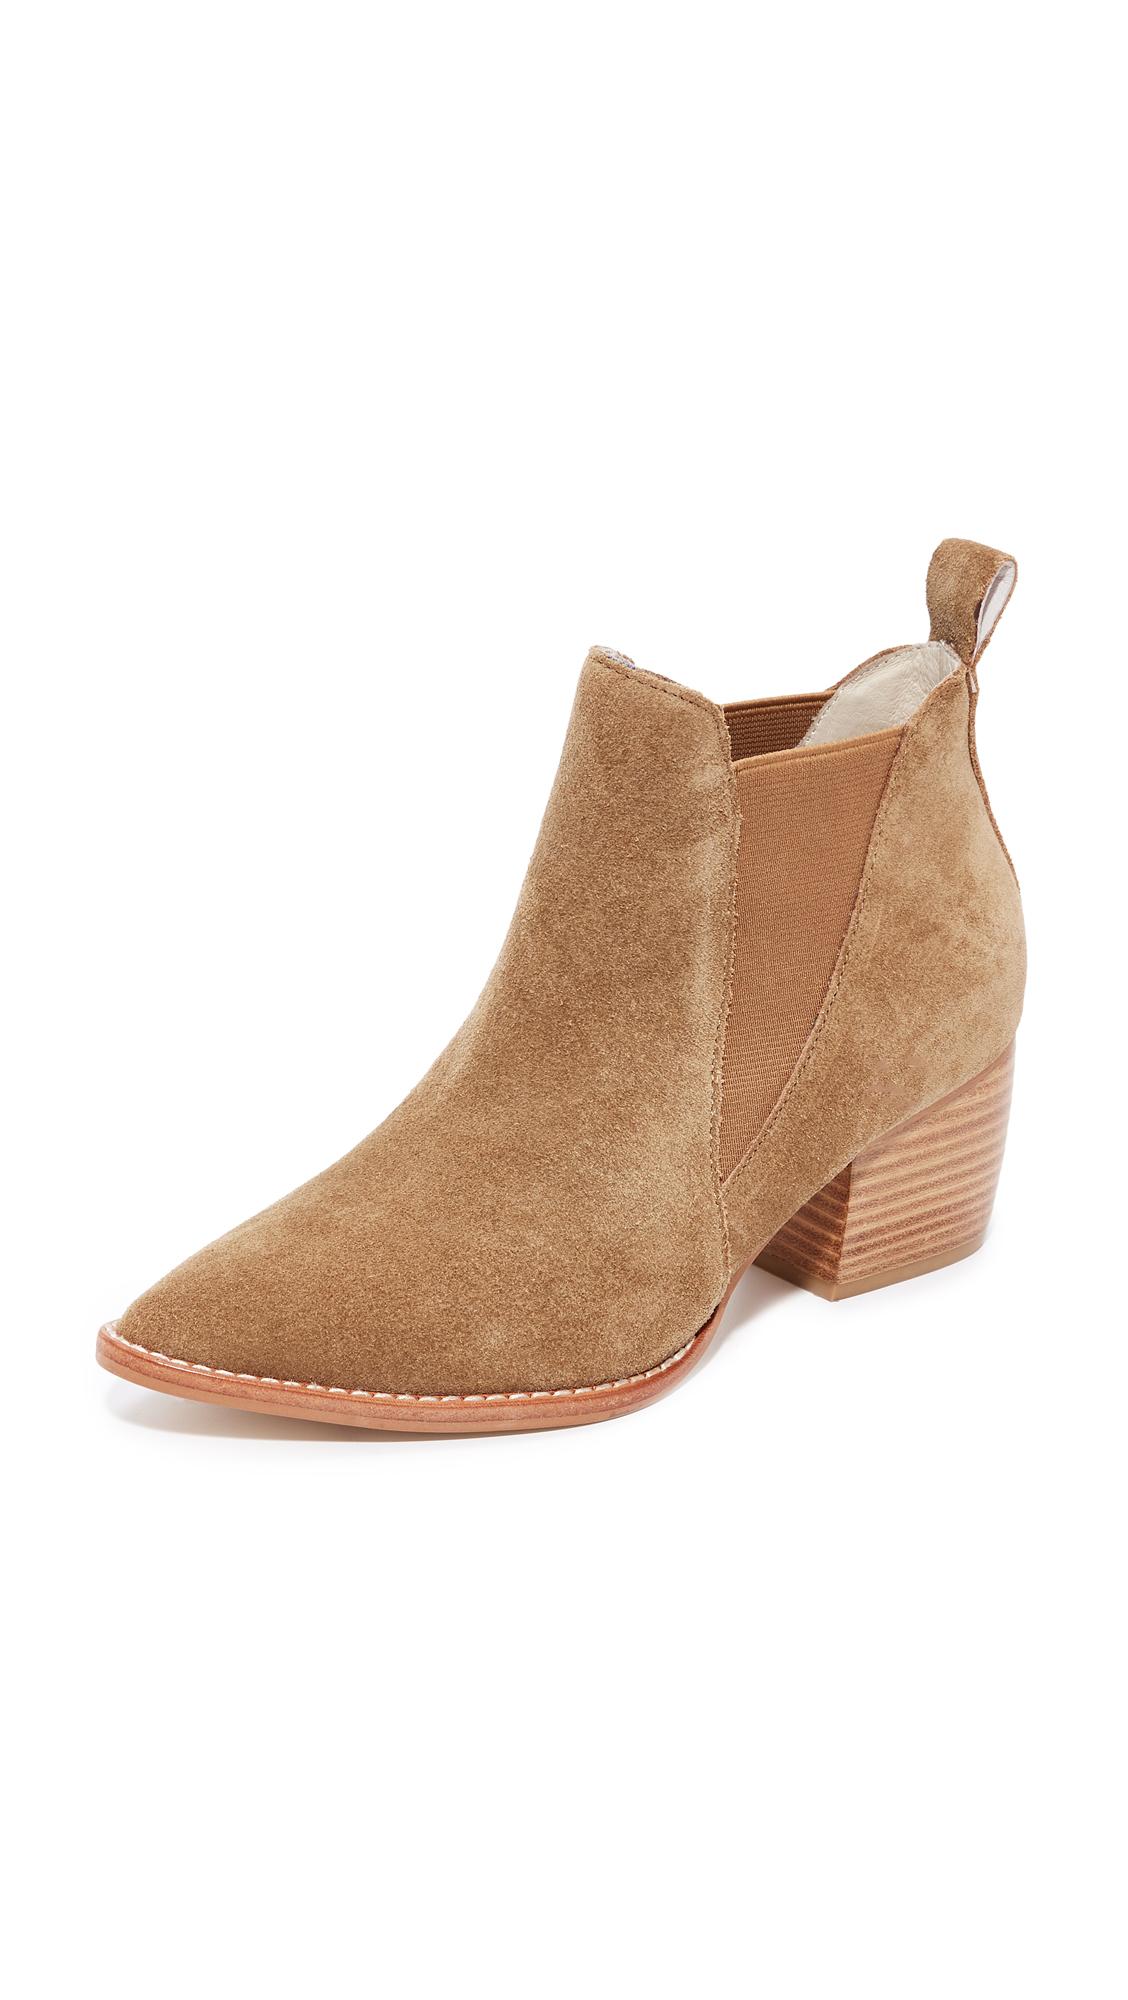 Sol Sana Bruno Boots - Cognac